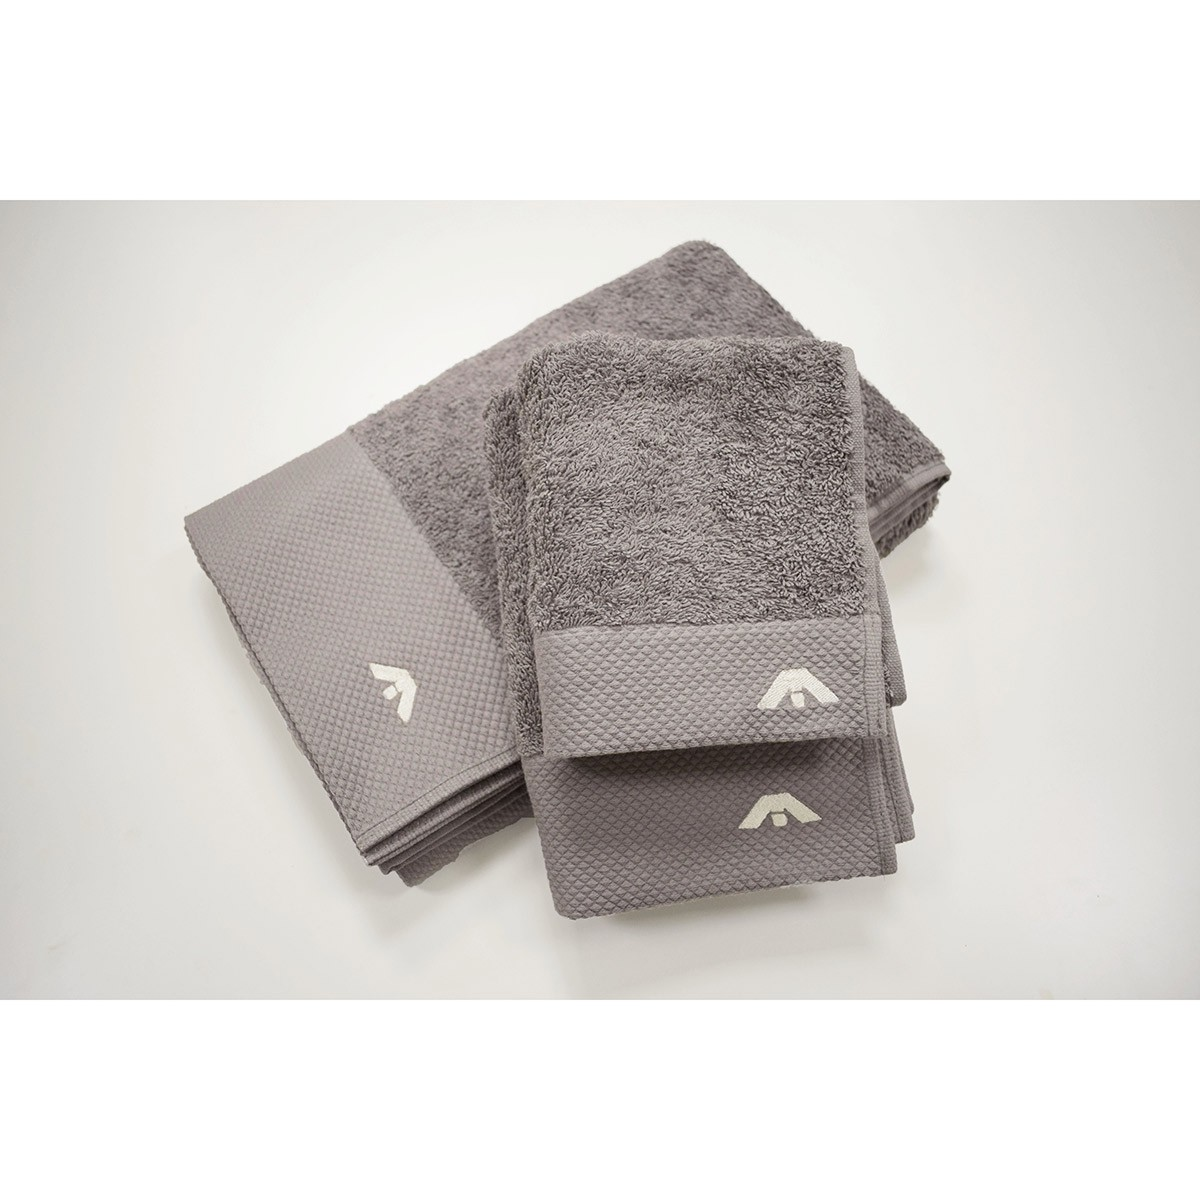 Πετσέτες Μπάνιου (Σετ 3τμχ) AP Milano Italia Grey 74838